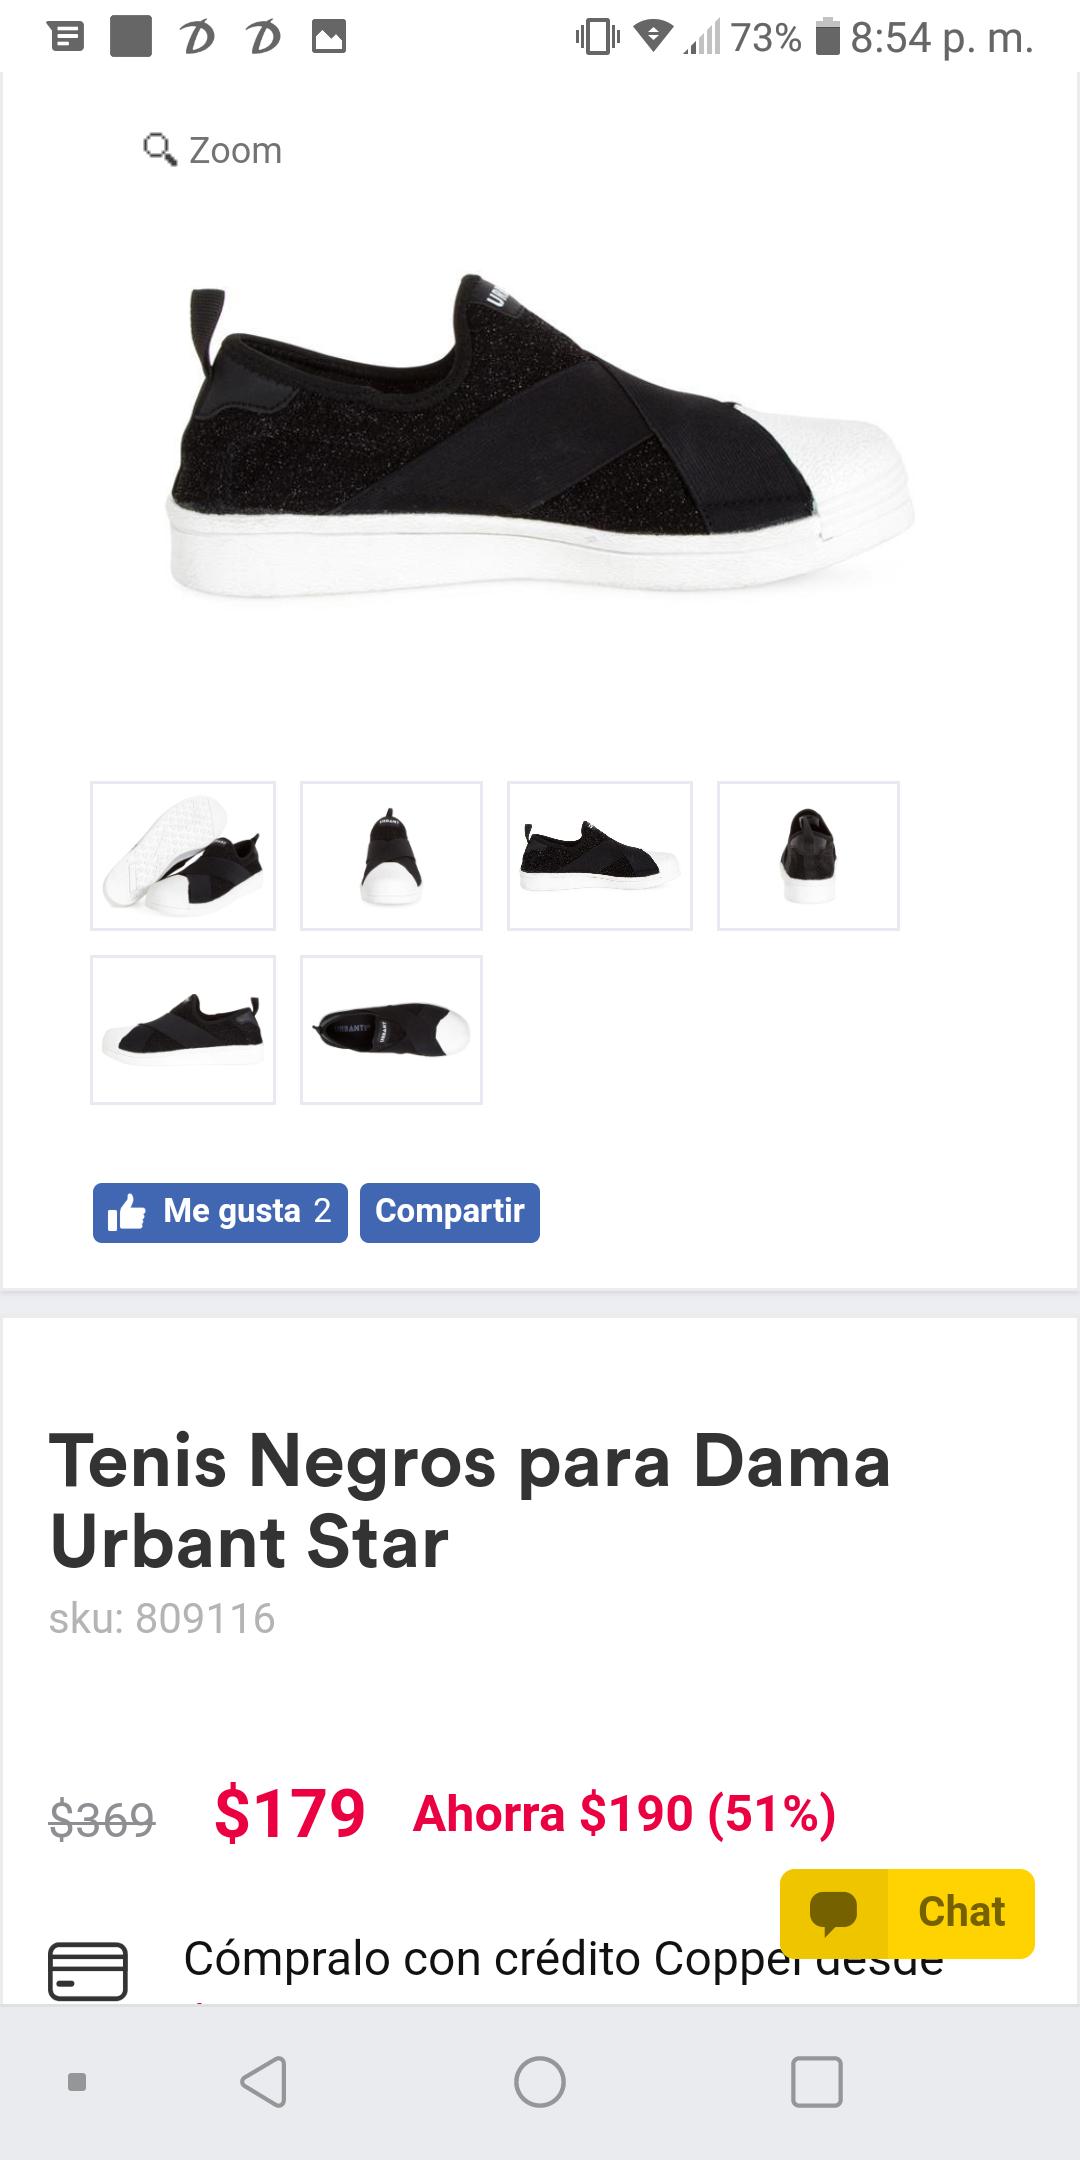 Coppel: Tenis Negros para Dama Urbant Star